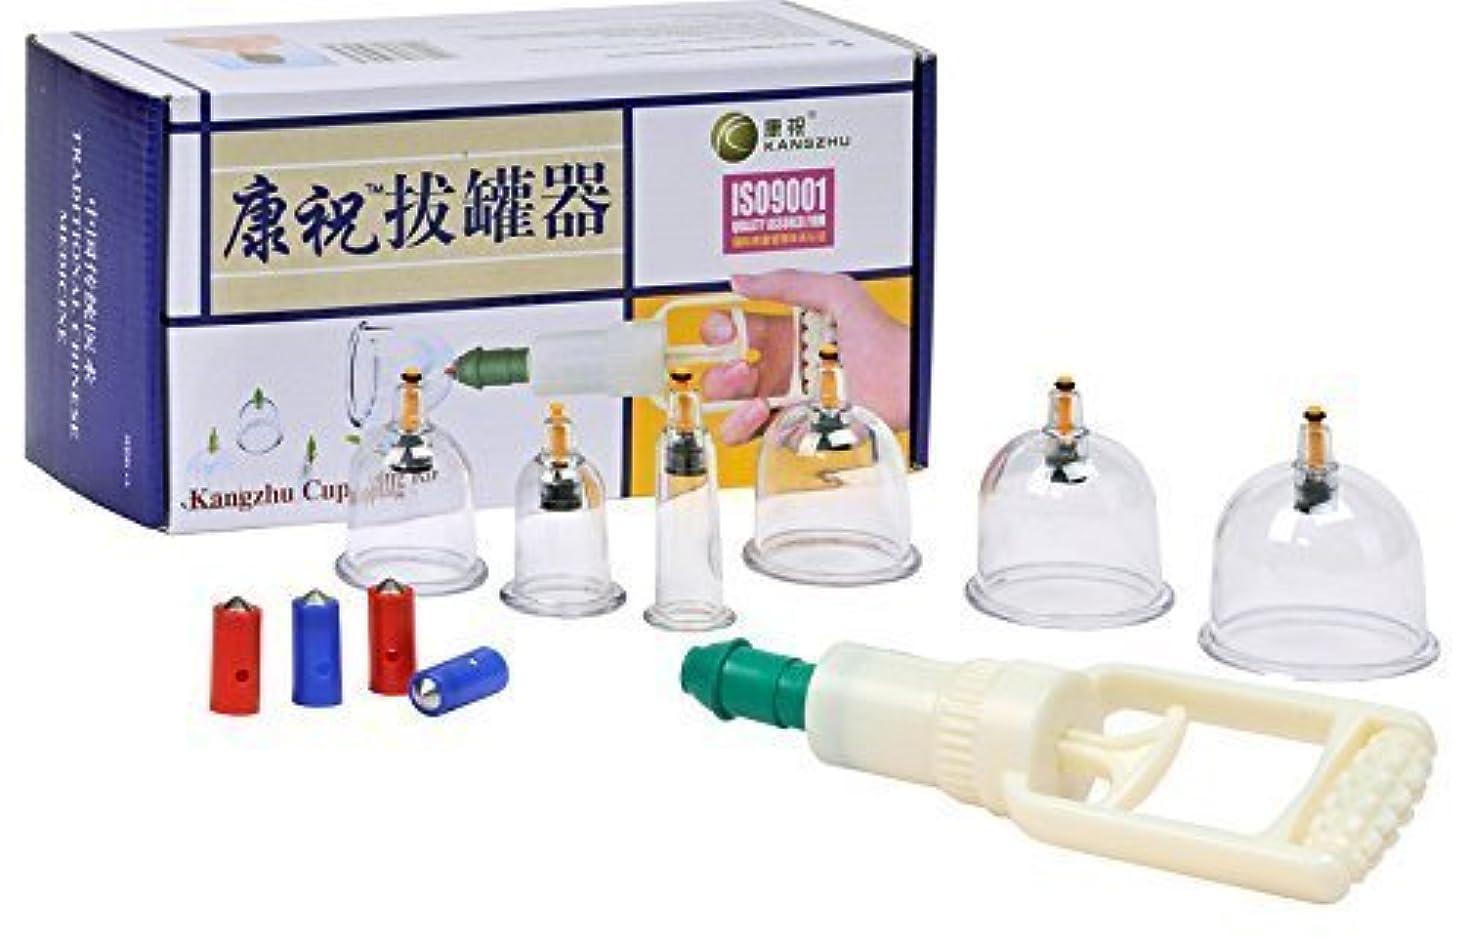 親愛なキロメートル画面SHINA 6個カップ 1個カッピング器 吸い玉カップ カッピング 中国伝統の健康法 肩こり、 ダイエットなどに有効 肩 背中 腰 カッピングセット プラスチック製 自分で手軽に操作できる